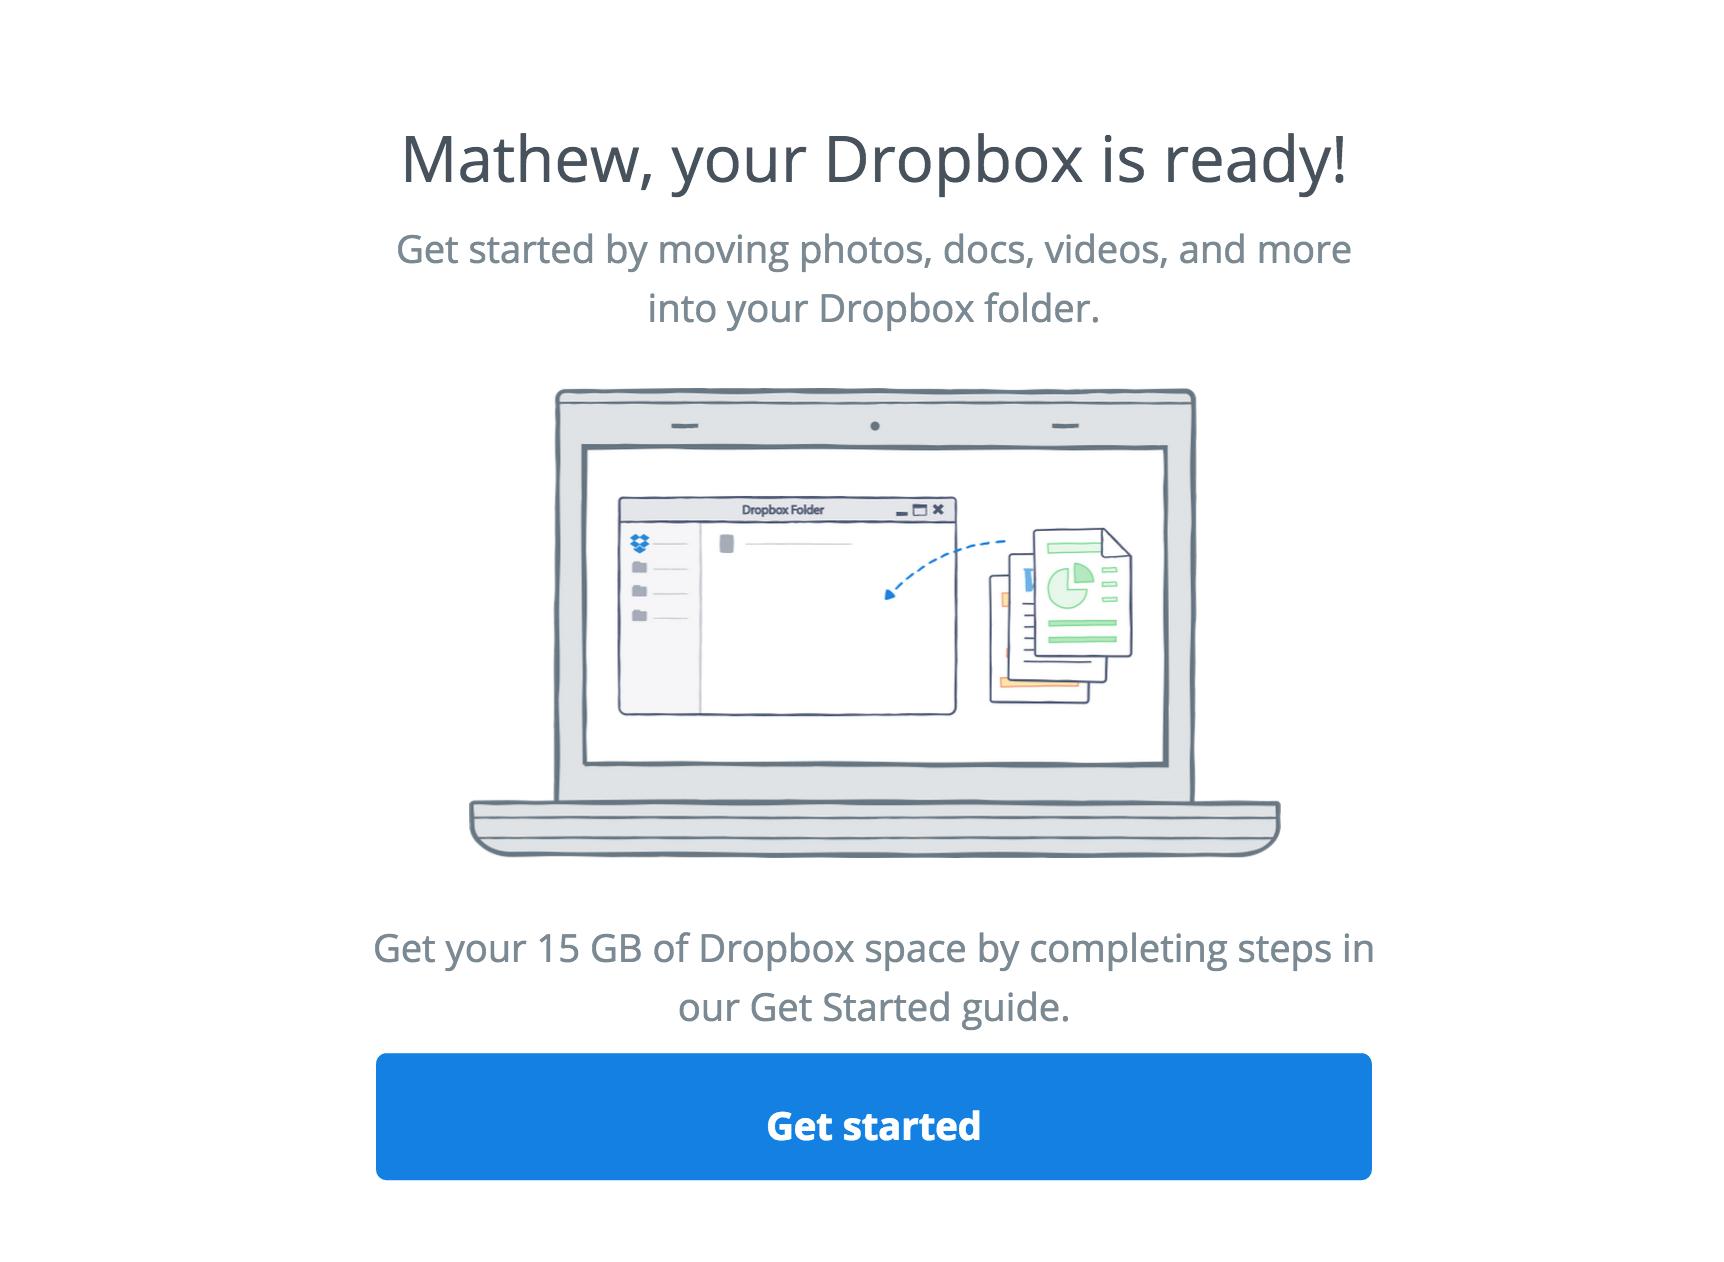 將我的 Acer 電腦連結至 Dropbox 帳戶